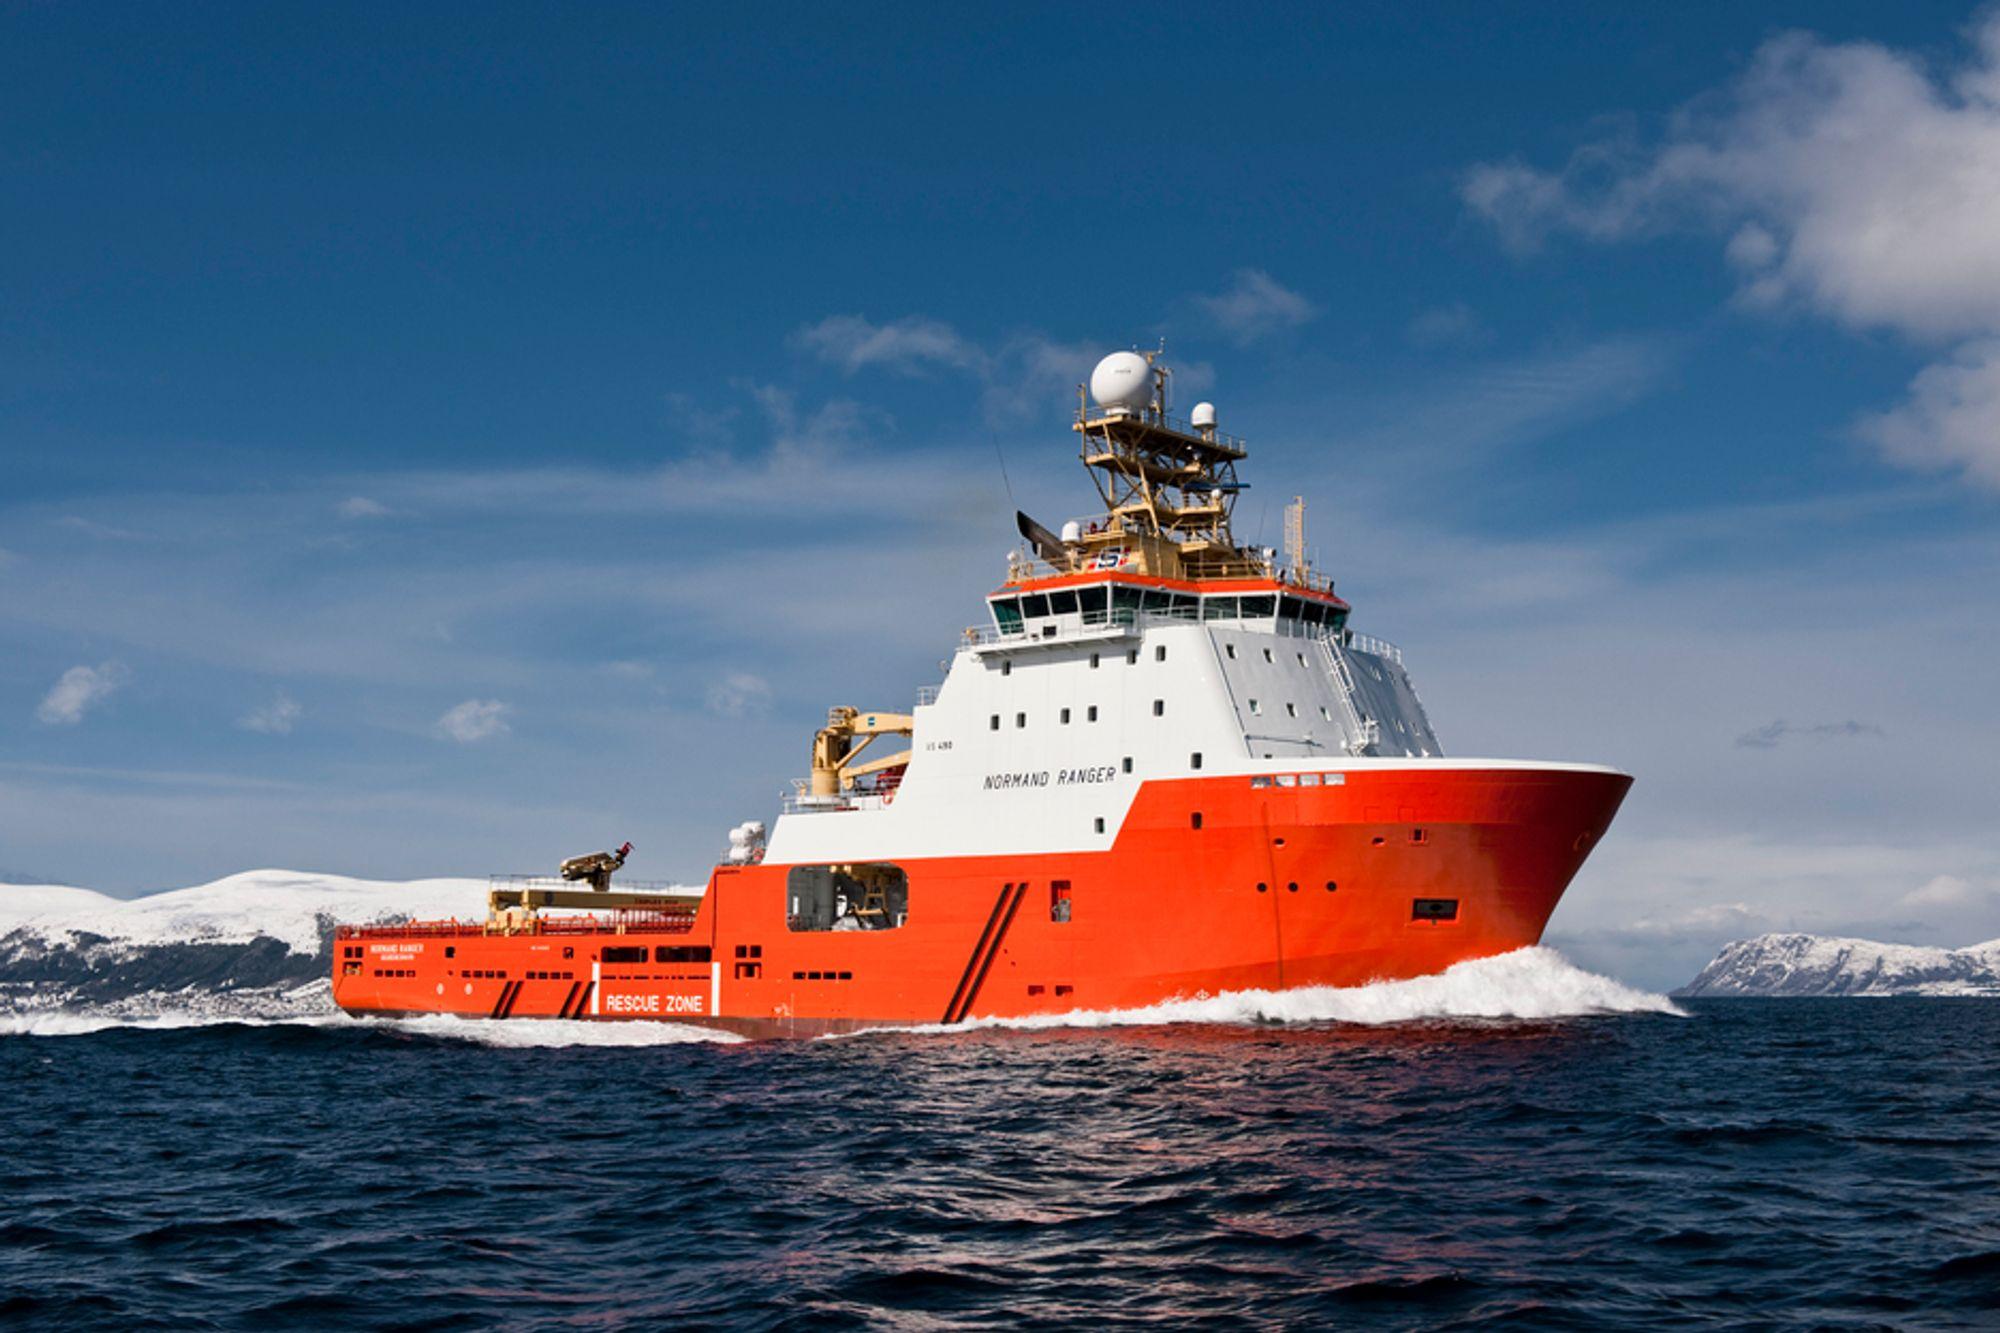 KRAFTPLUGG: AHTS Normand Ranger er bygget med VS 490 AHTS design fra Wärtsilä. Trekkraften er på 287 tonn.